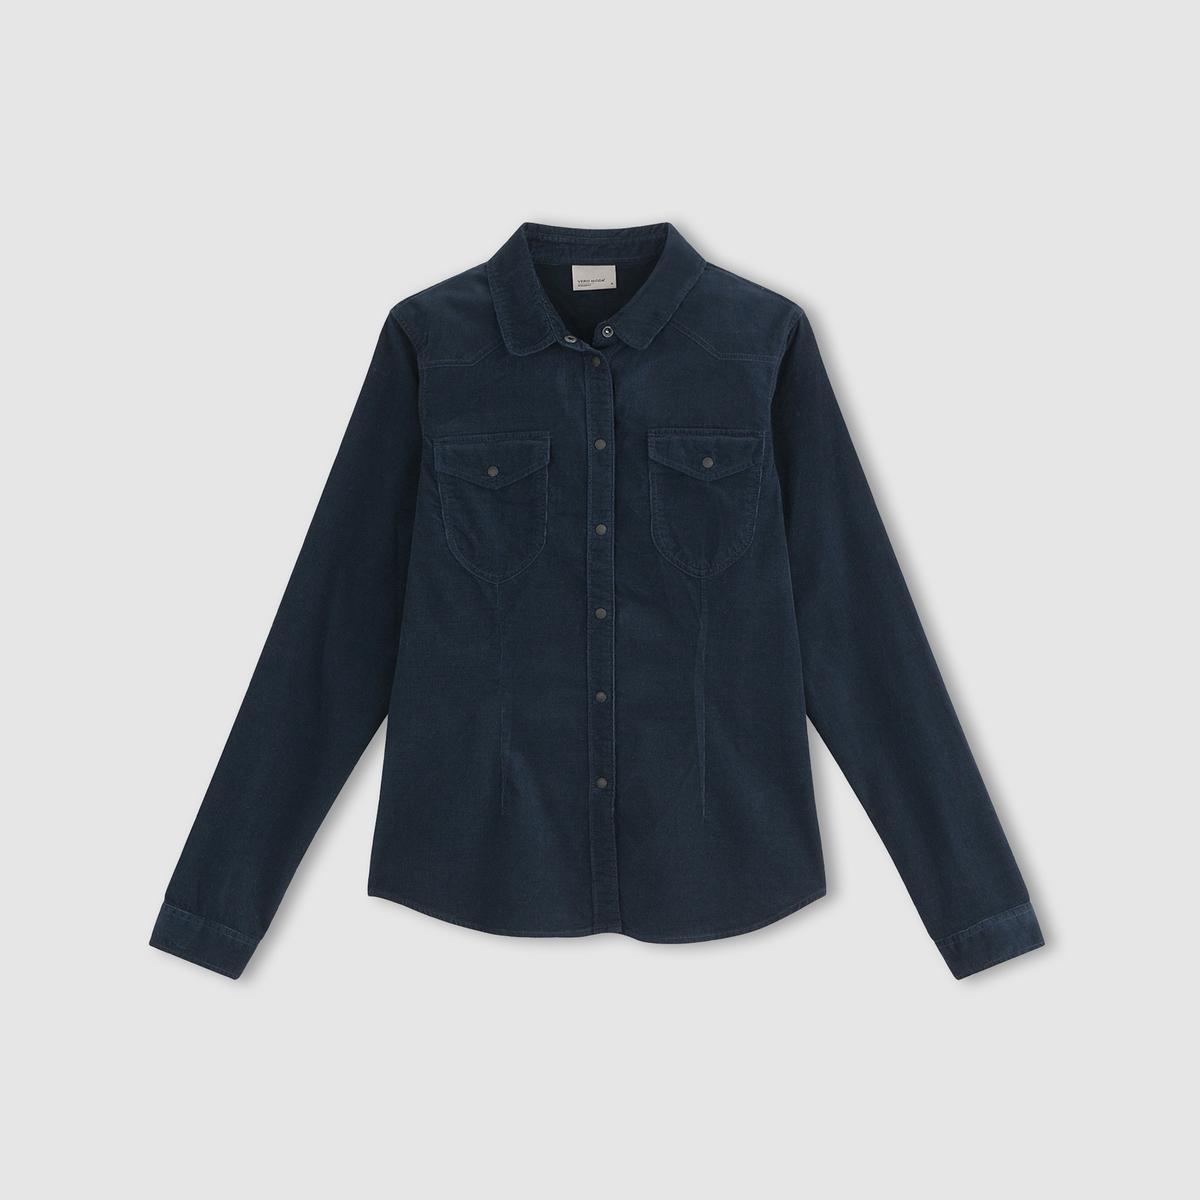 Рубашка джинсовая с длинными рукавами и карманами, VMKAYA рубашка джинсовая с длинными рукавами